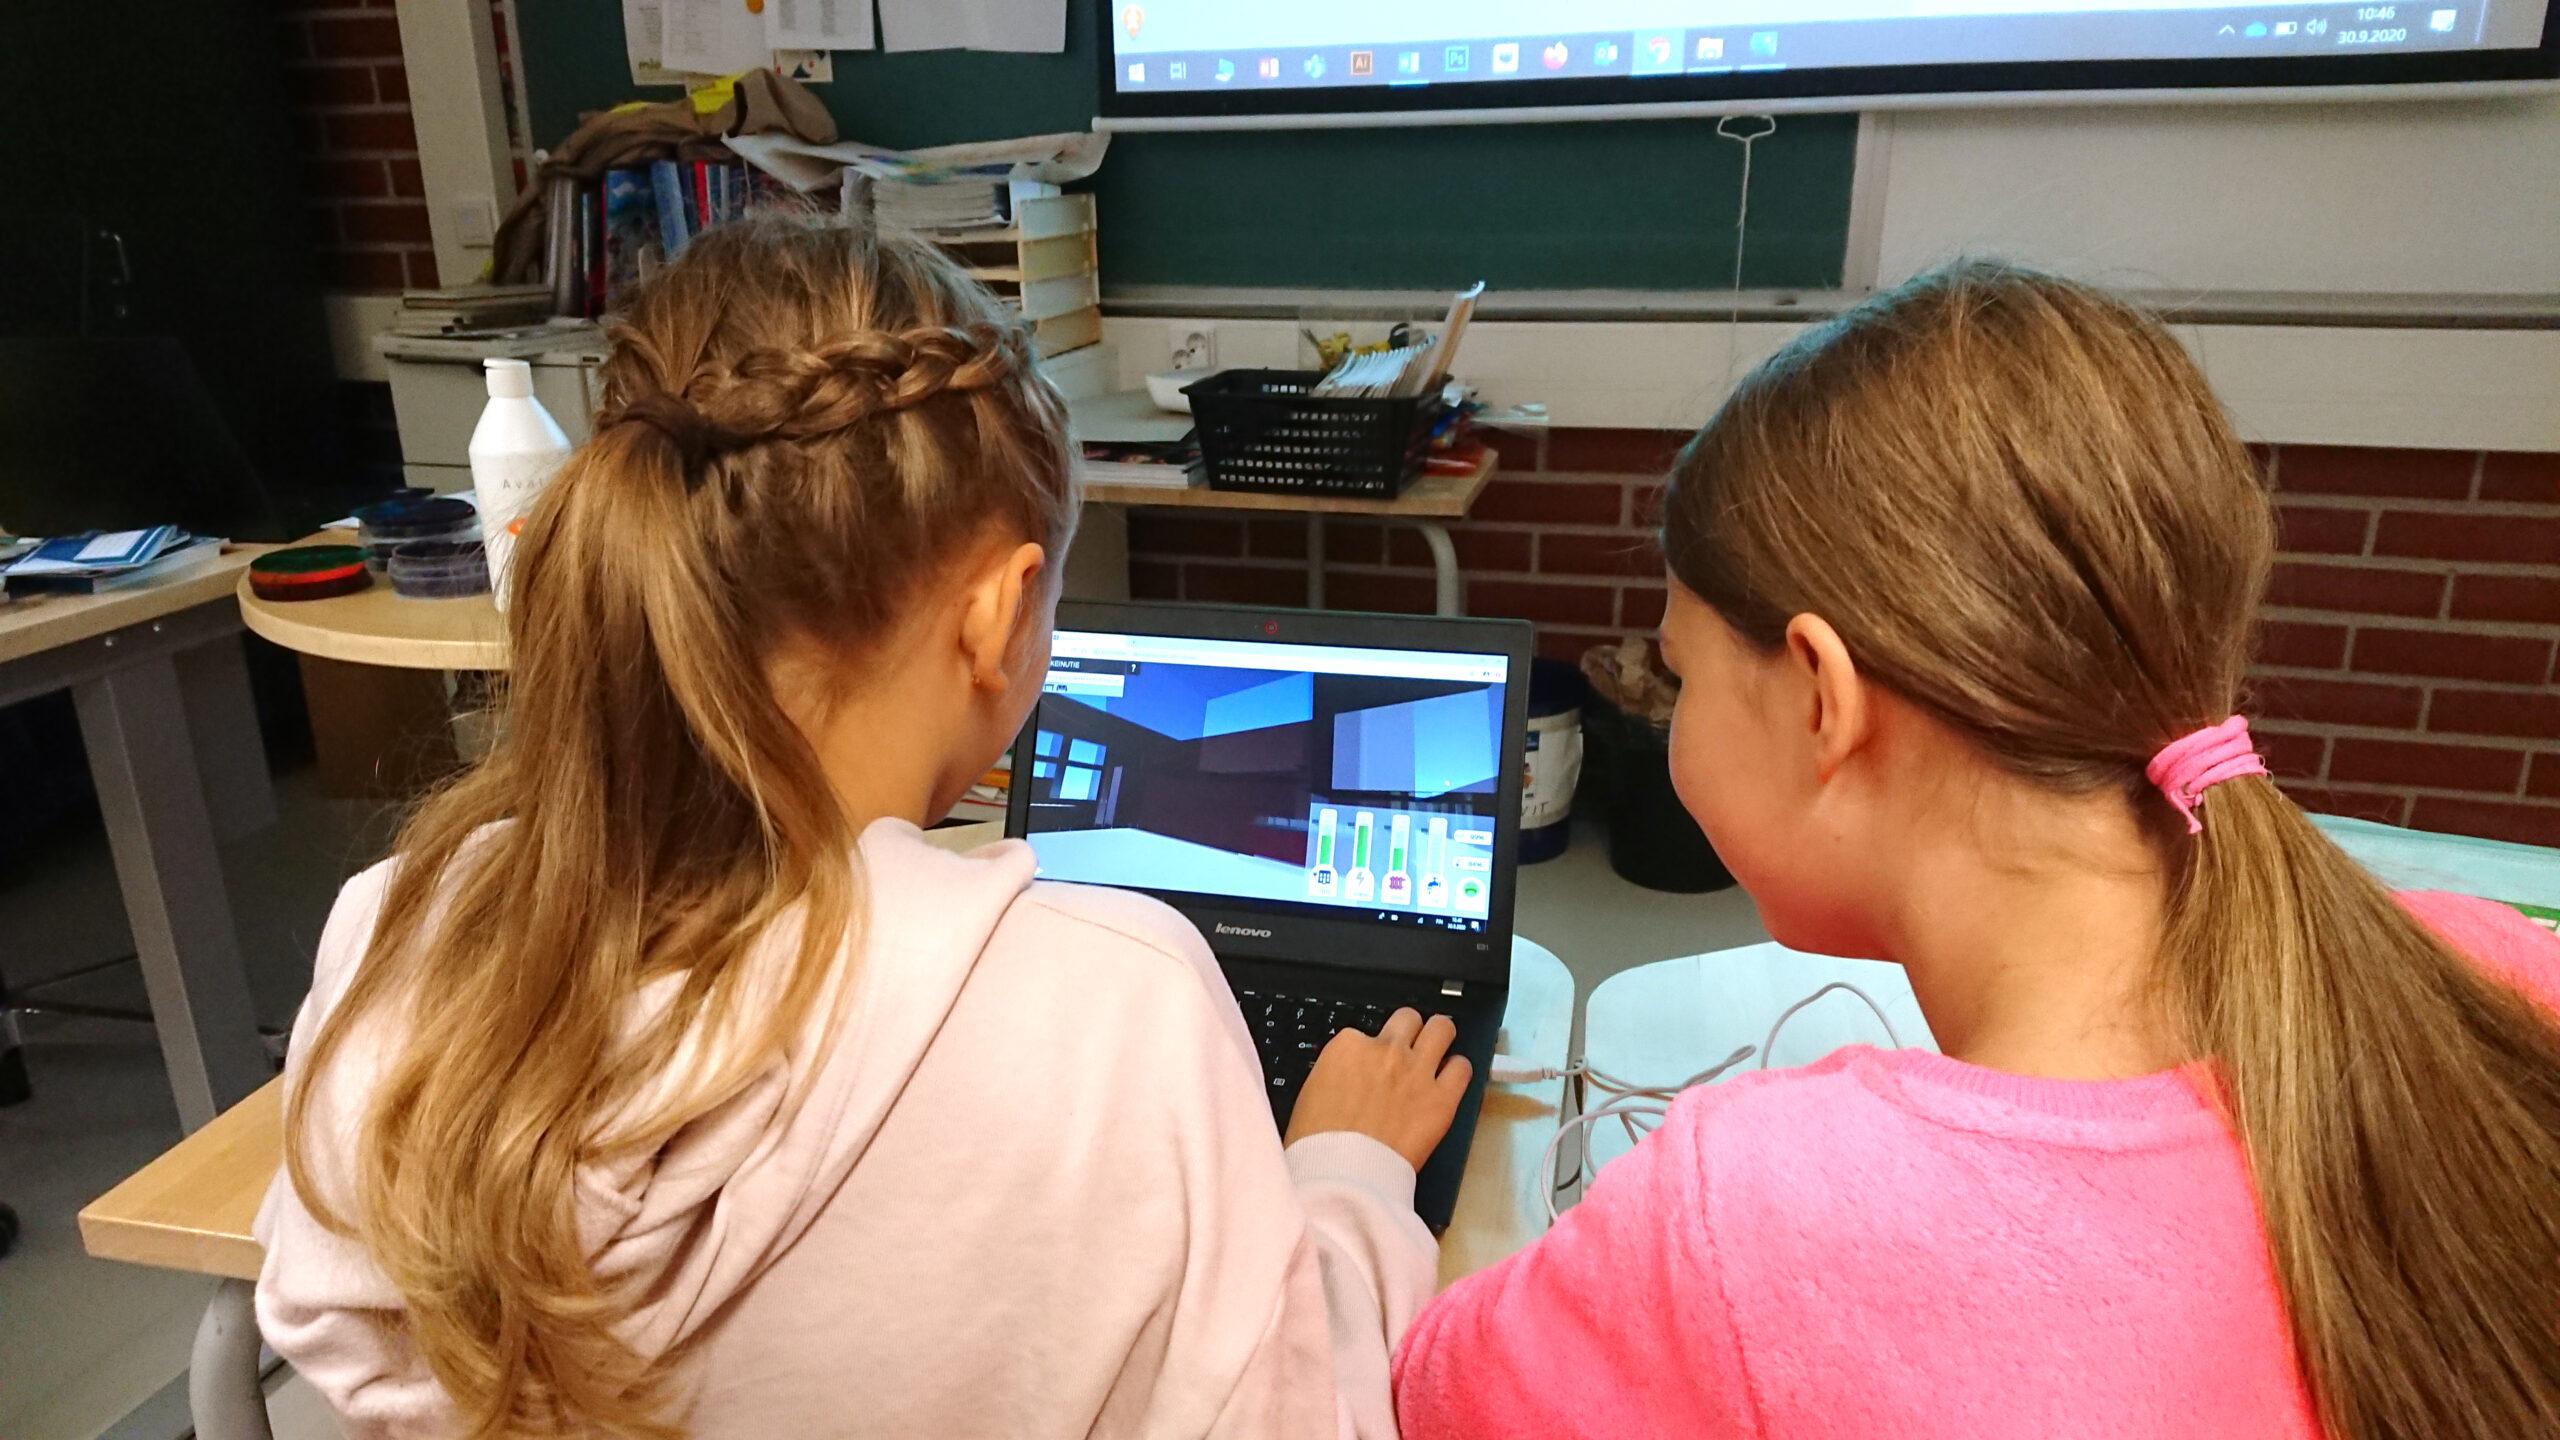 Kaksi oppilasta tietokoneella kokeilemassa Playsignin digitaalista kaksosta heidän koulustaan